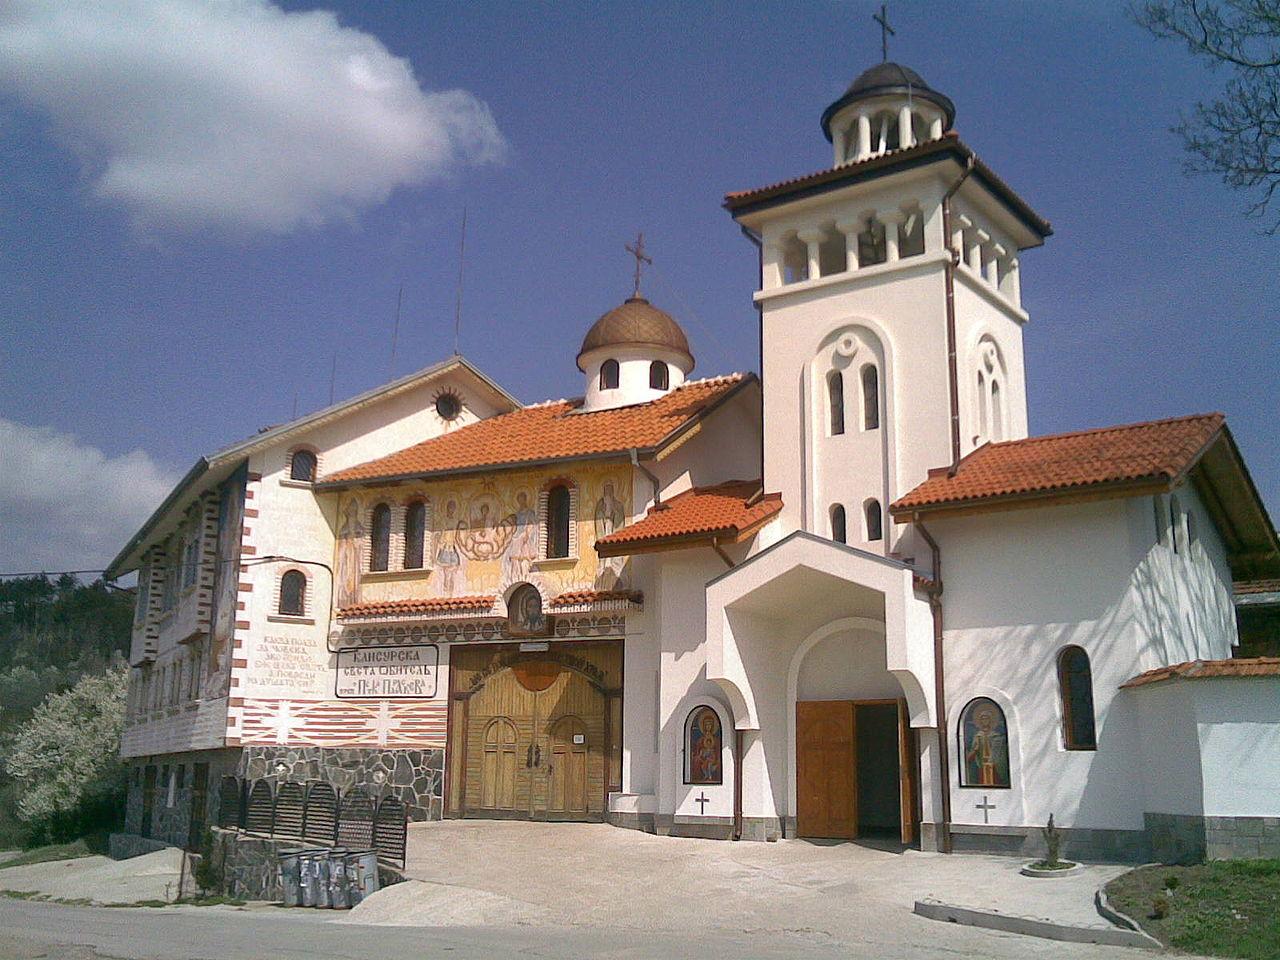 Идея за уикенда: Клисурски манастир